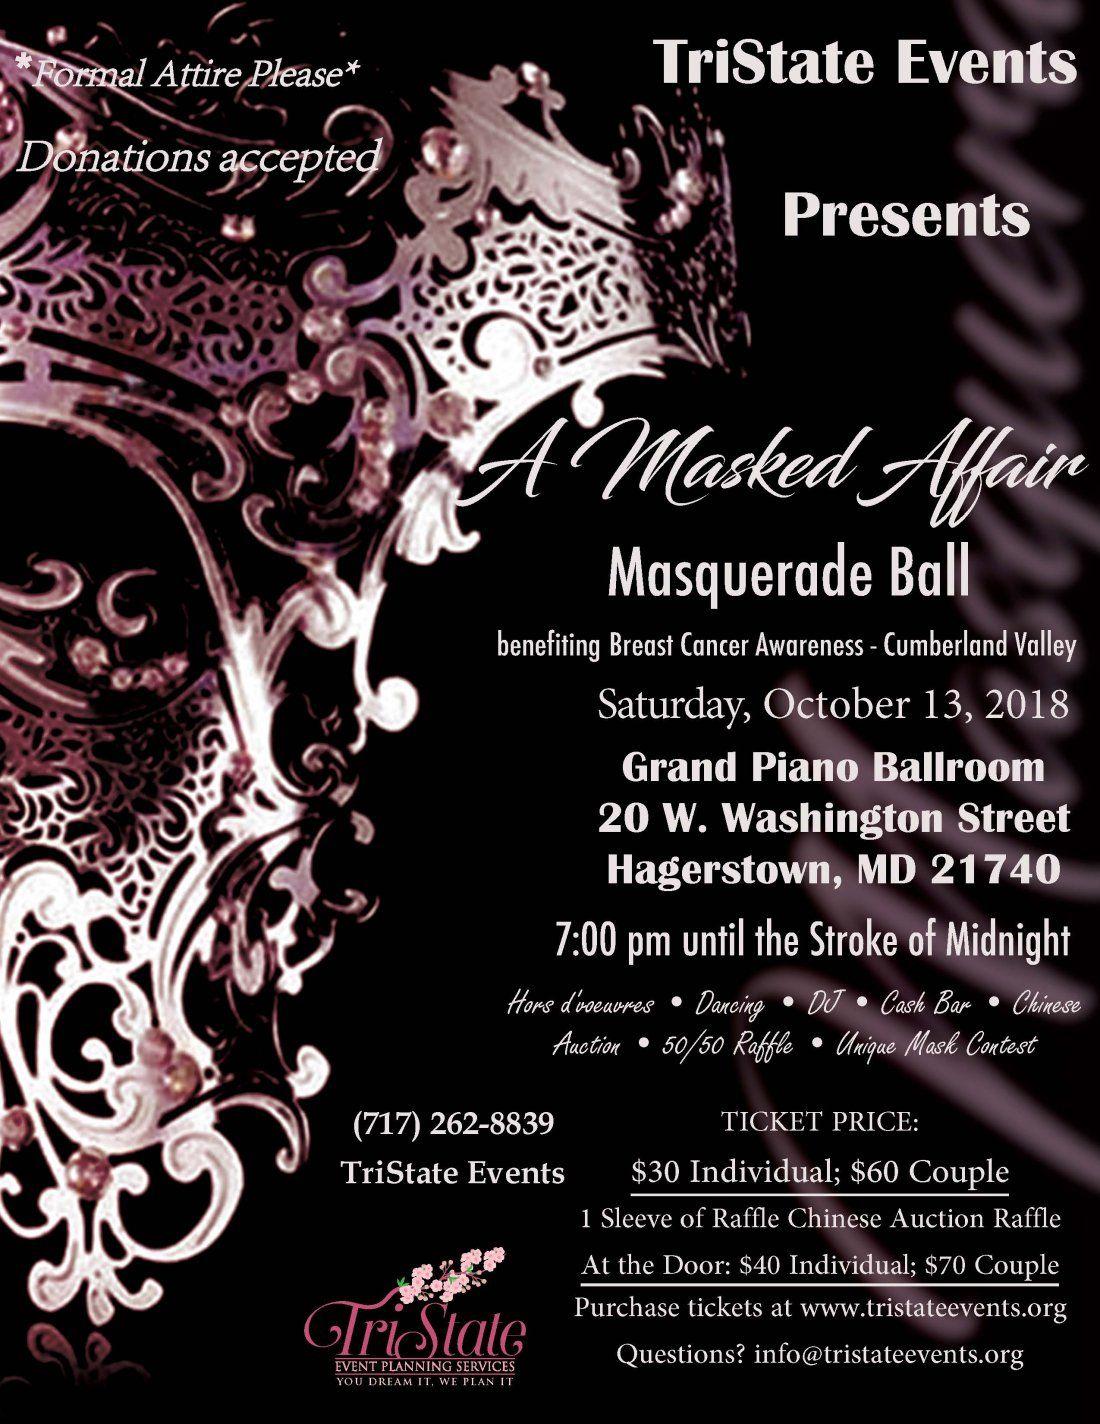 2nd annual masquerade ball benefit for bca cv